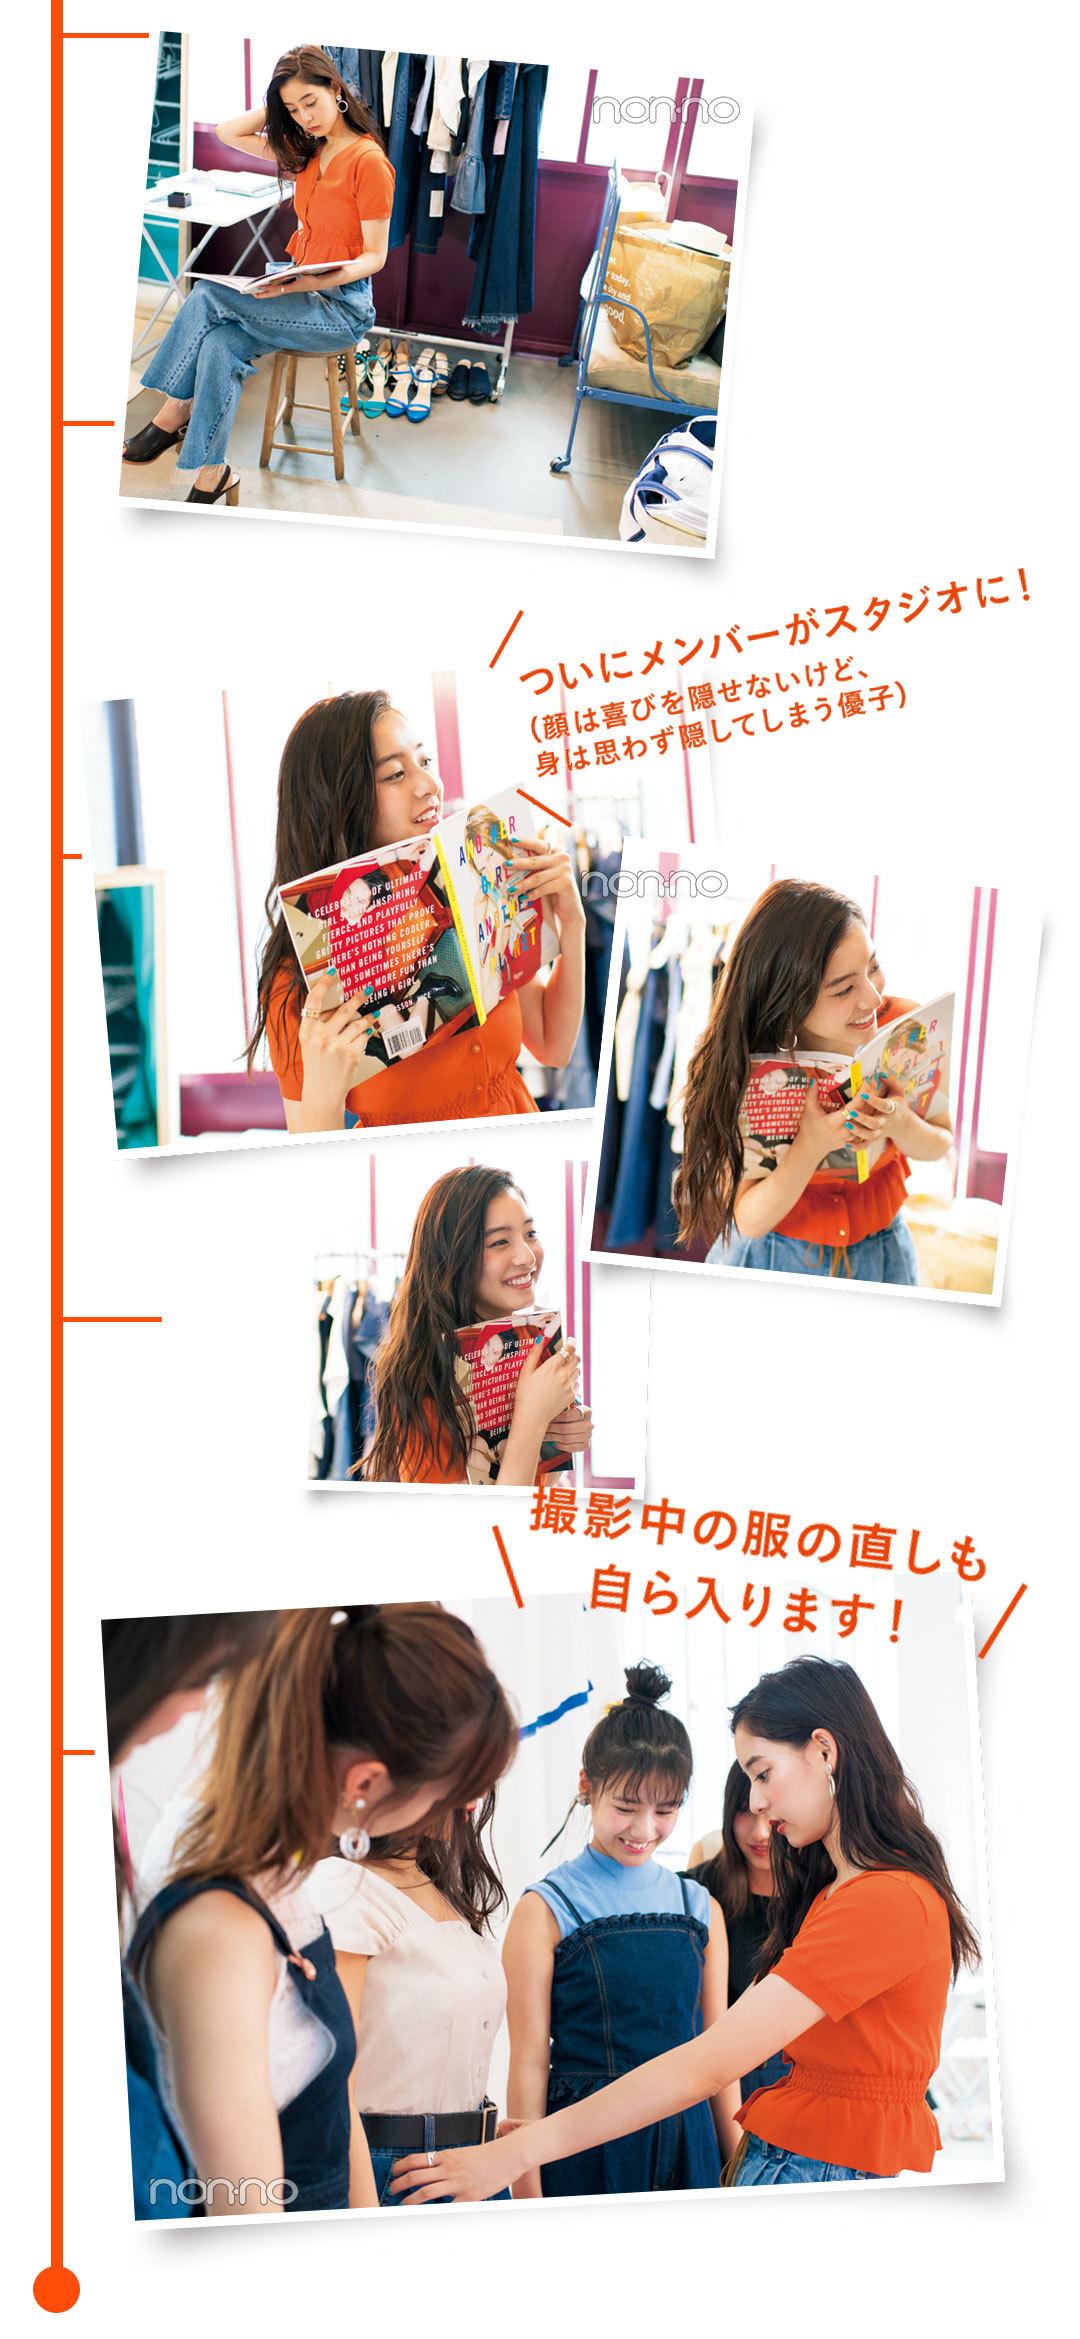 夢の競演♡ 優子、モーニング娘。'18をプロデュース! 【新木優子に100問100答】_1_4